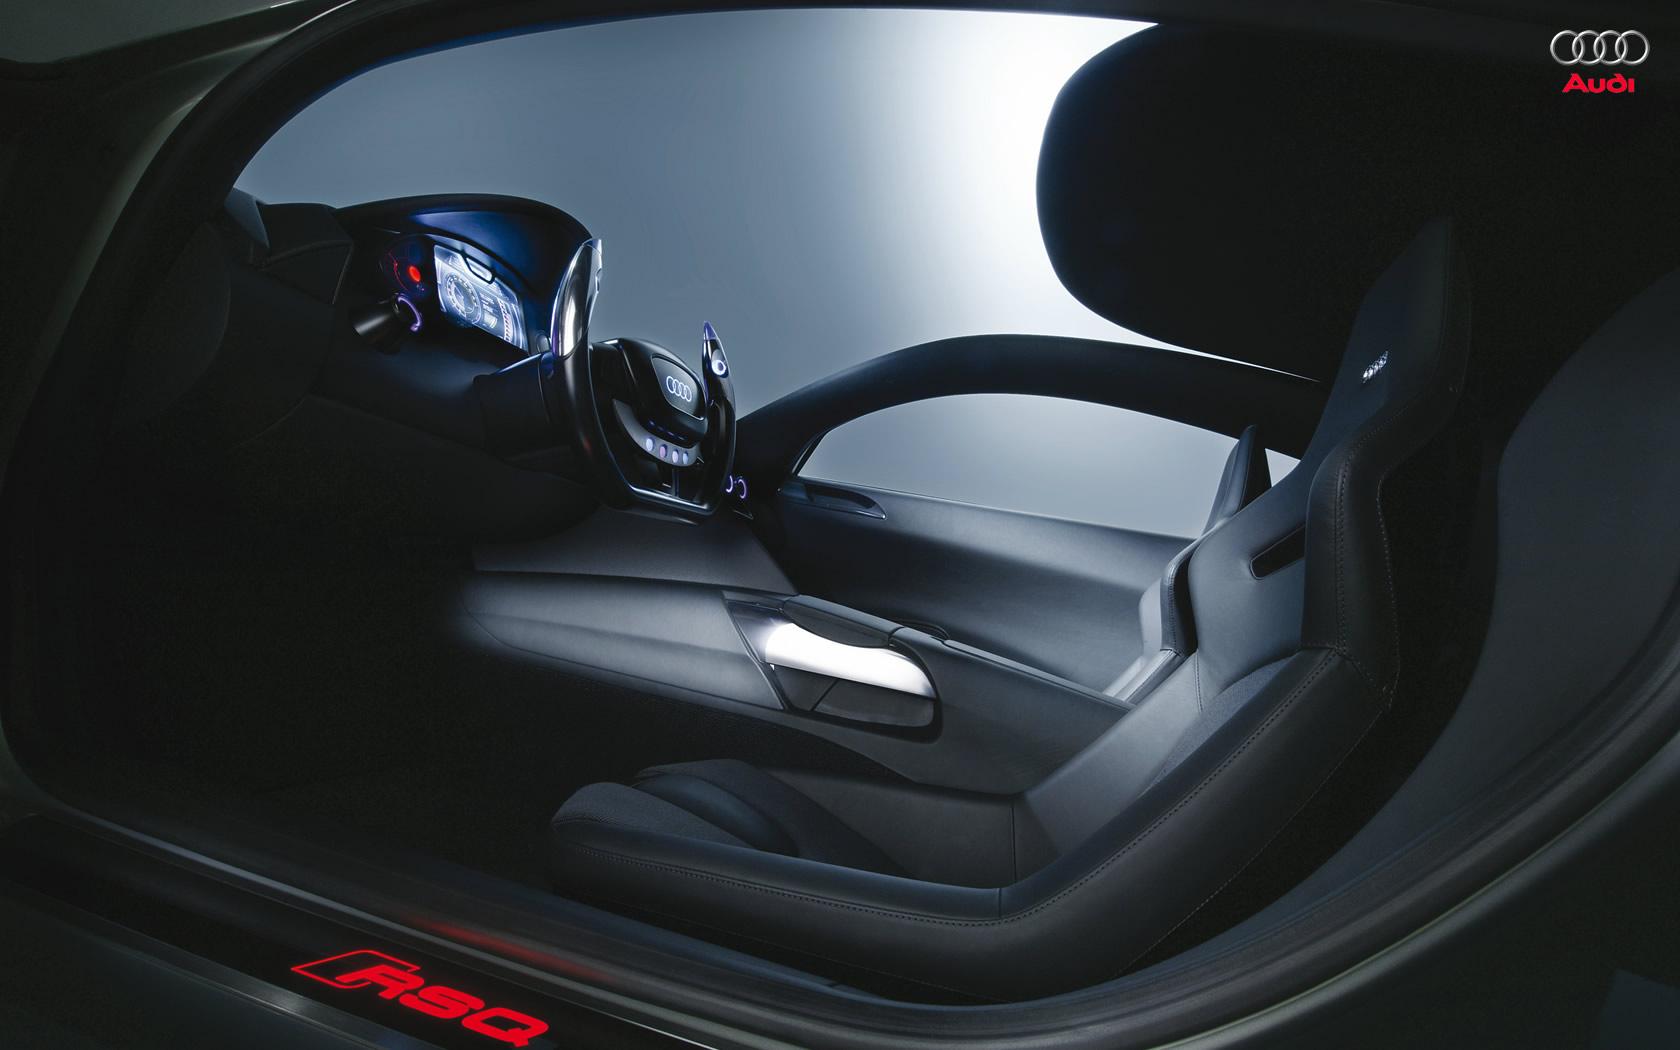 Audi RSQ - A ficção na palma das suas mãos